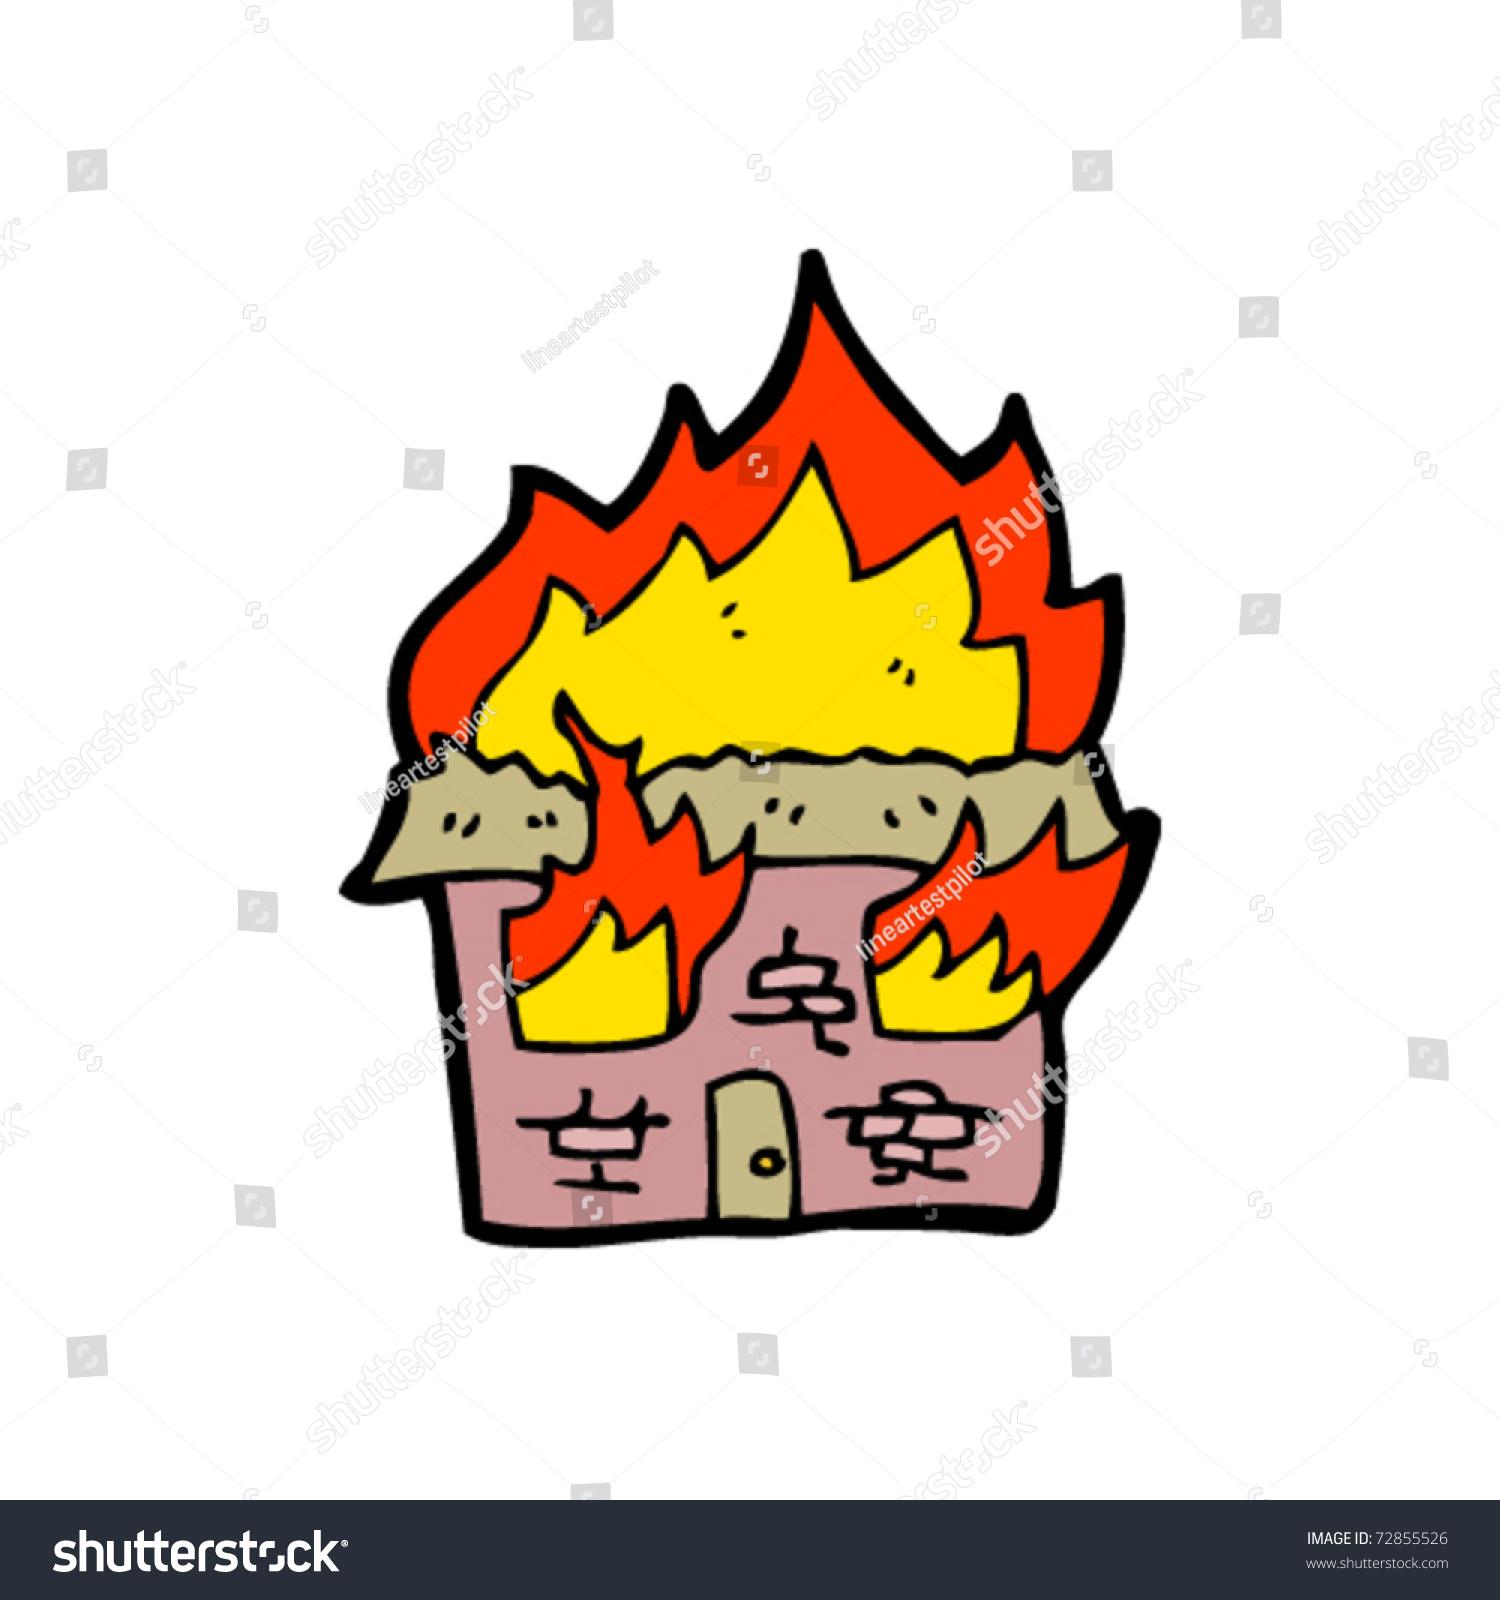 clipart burning house - photo #13